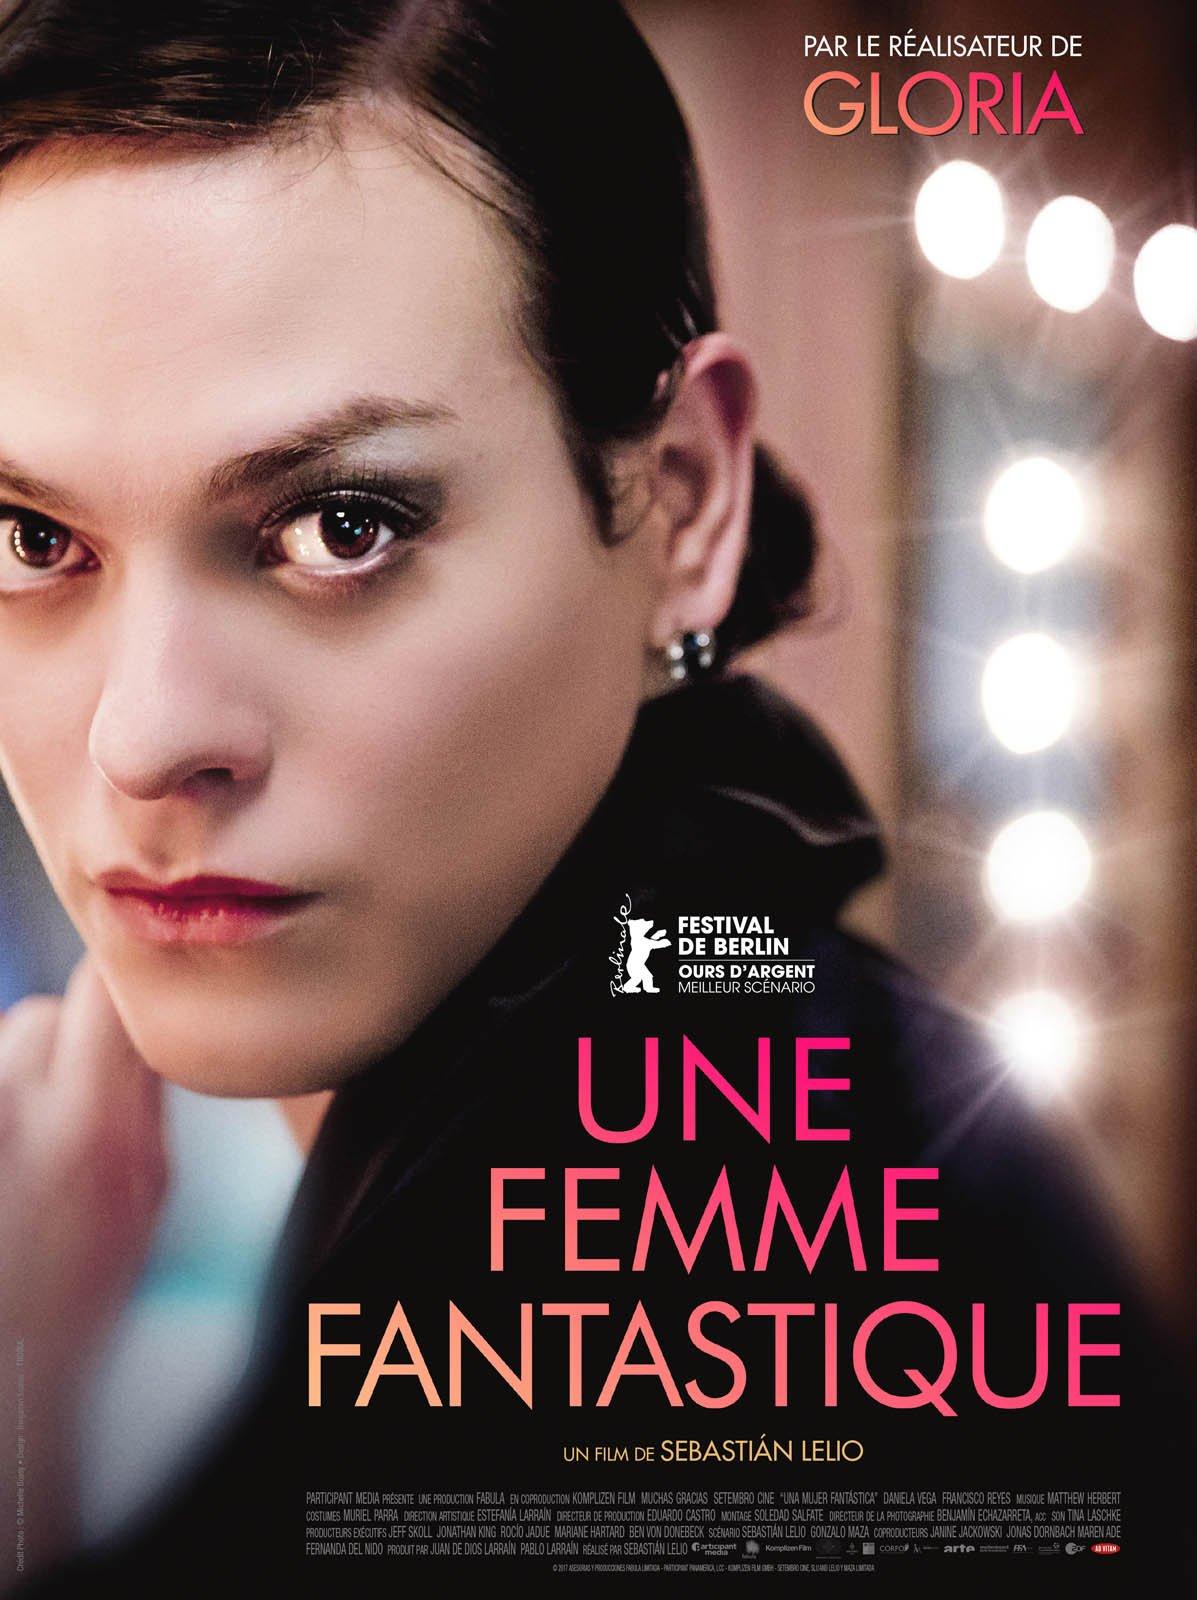 Image du film Une femme fantastique